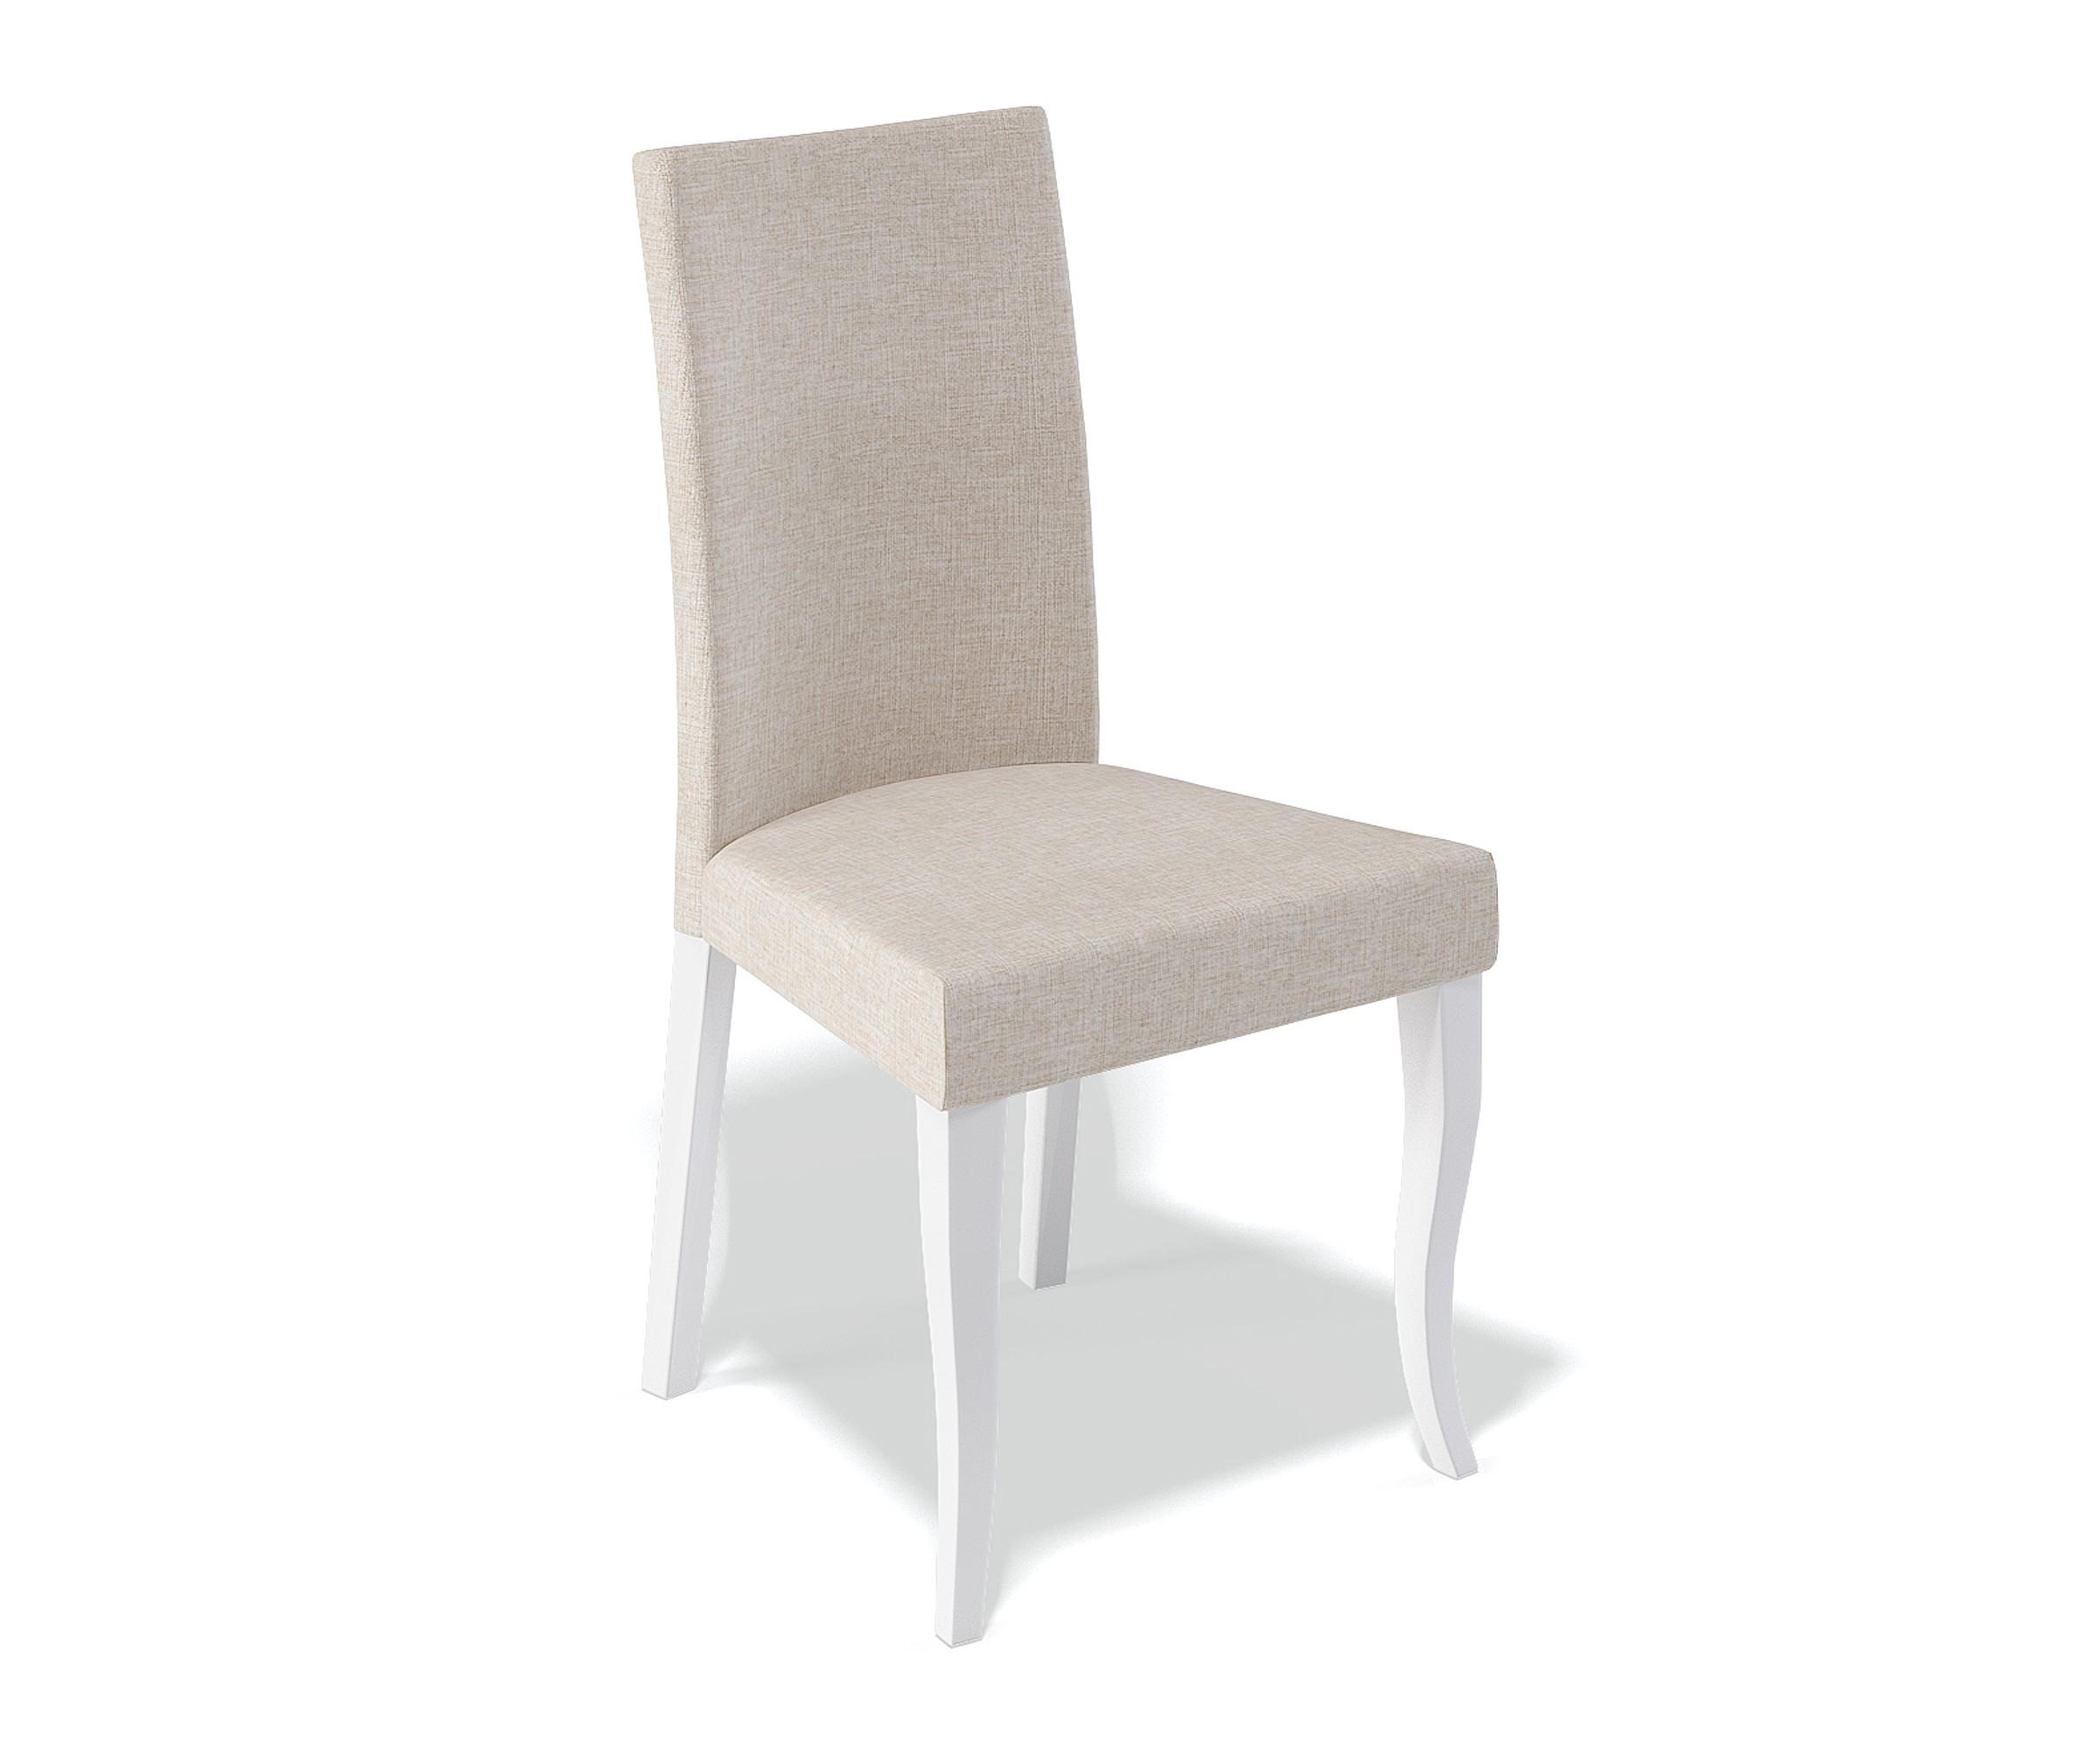 Стул KennerОбеденные стулья<br>Высота от пола до сиденья 46 см.<br><br>Material: Текстиль<br>Ширина см: 44.0<br>Высота см: 94.0<br>Глубина см: 41.0